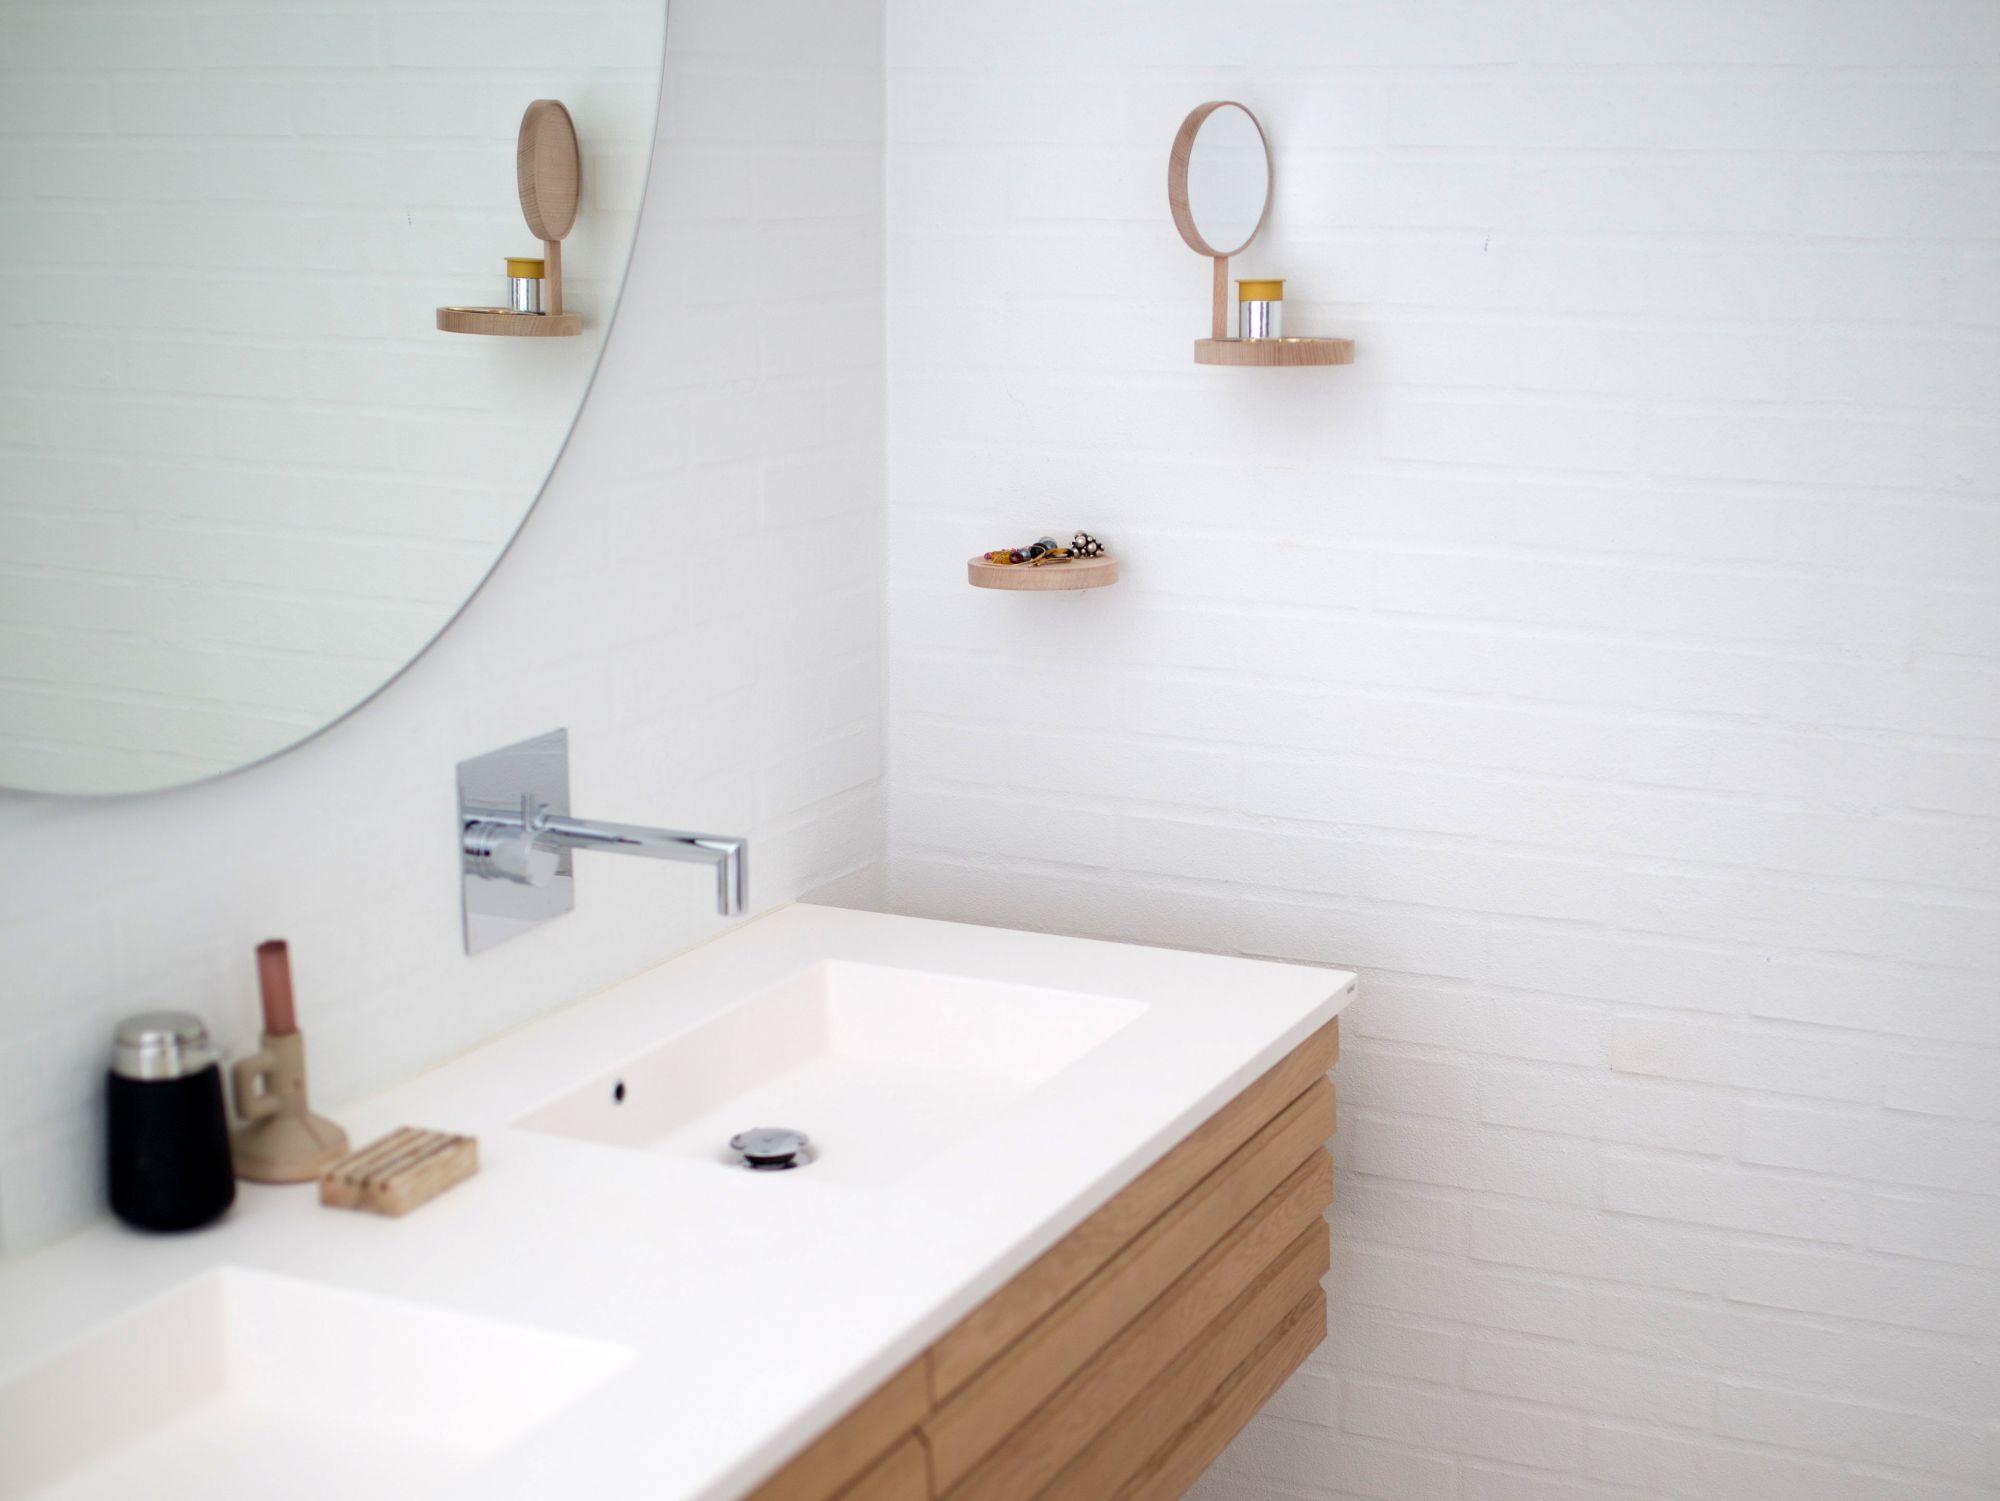 Miscelatore per il bagno: tipologie di rubinetti